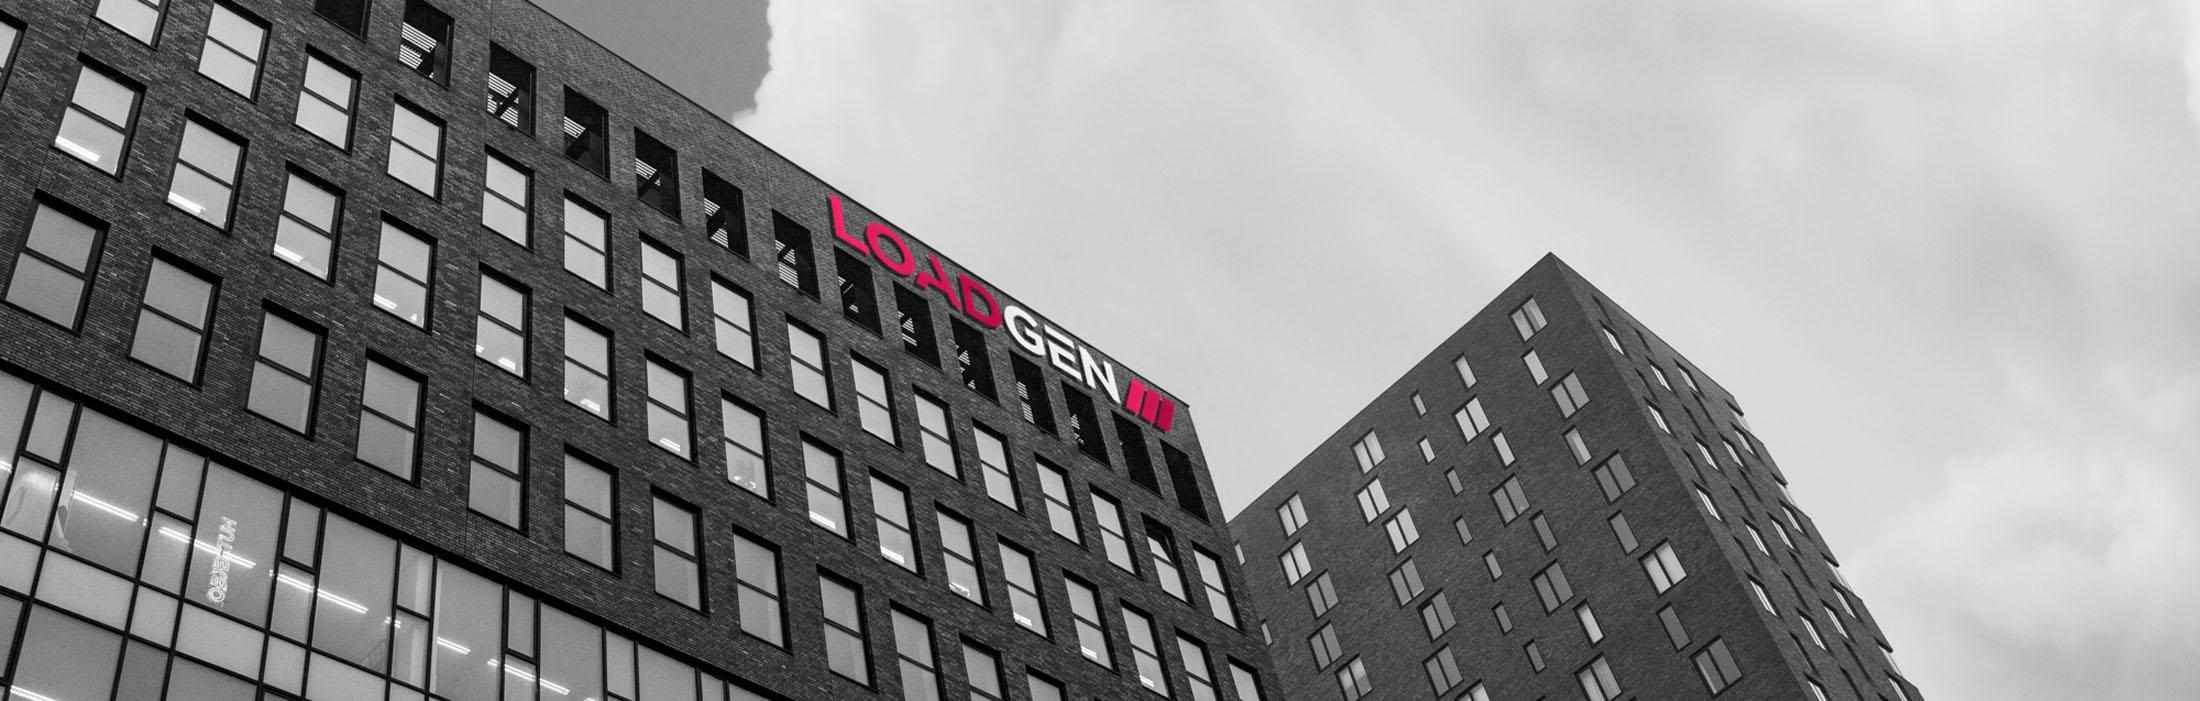 LoadGen-HQ.jpg